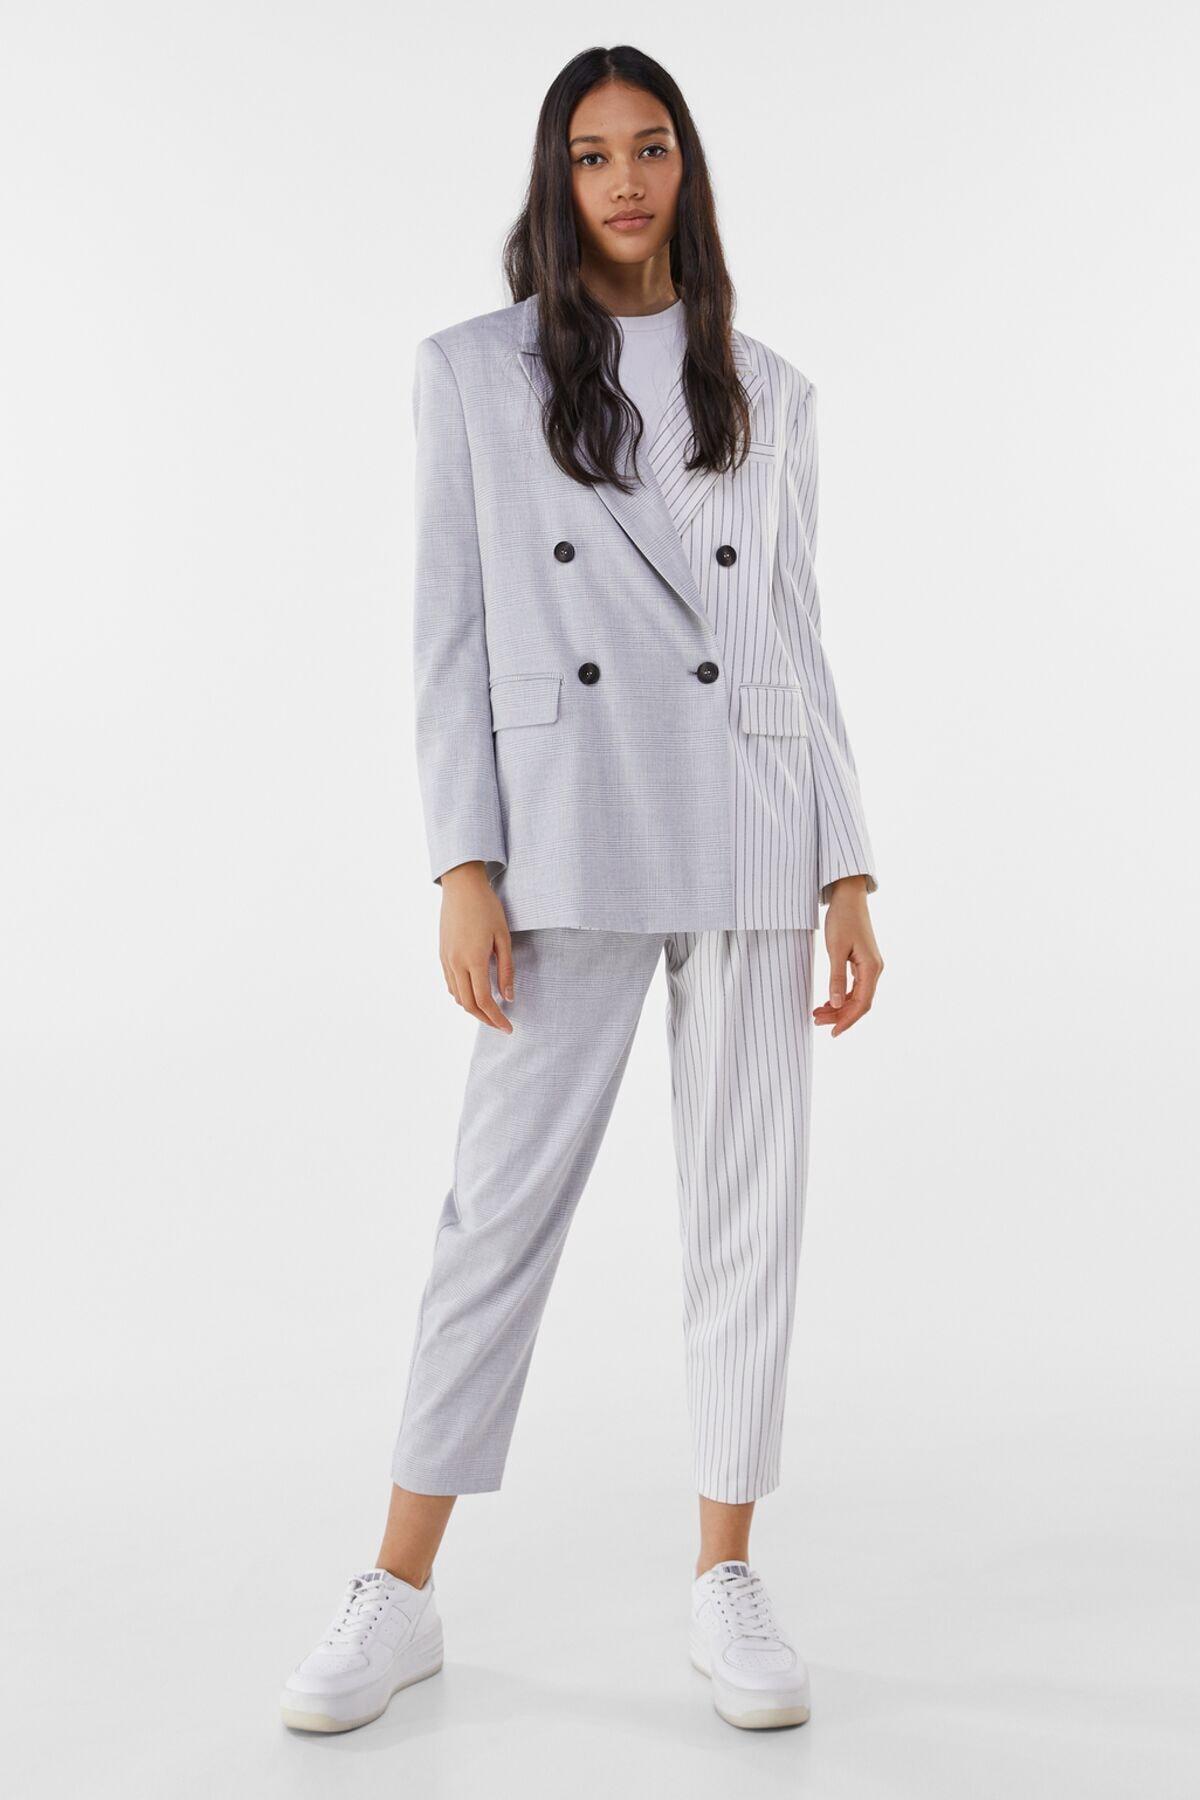 Bershka Kadın Gri Kontrast Klasik Kesim Blazer 01226168 3